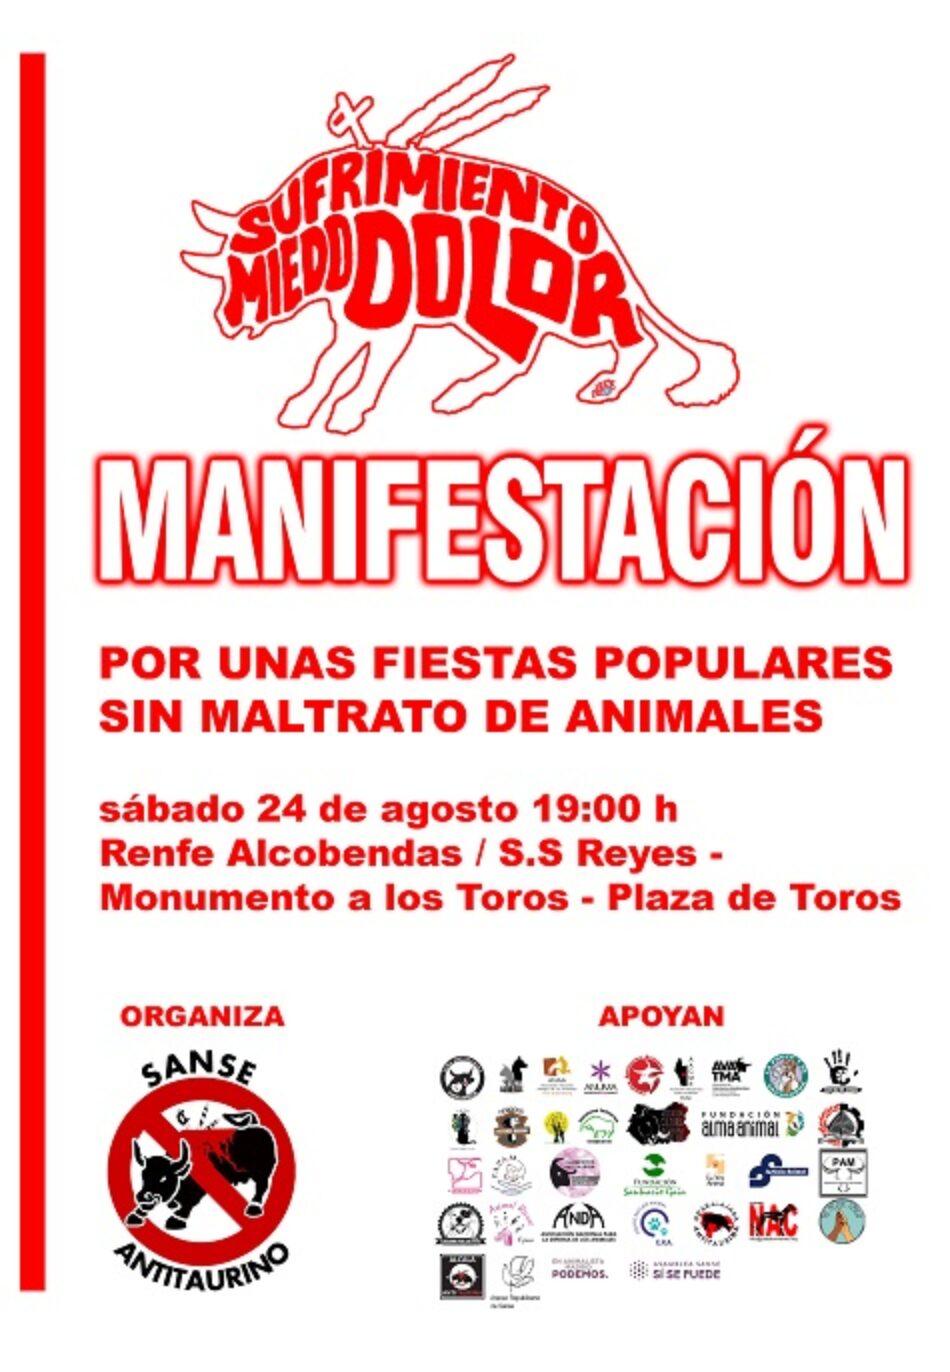 Manifestación Sanse Antitaurino: «por unas fiestas sin maltrato de animales»